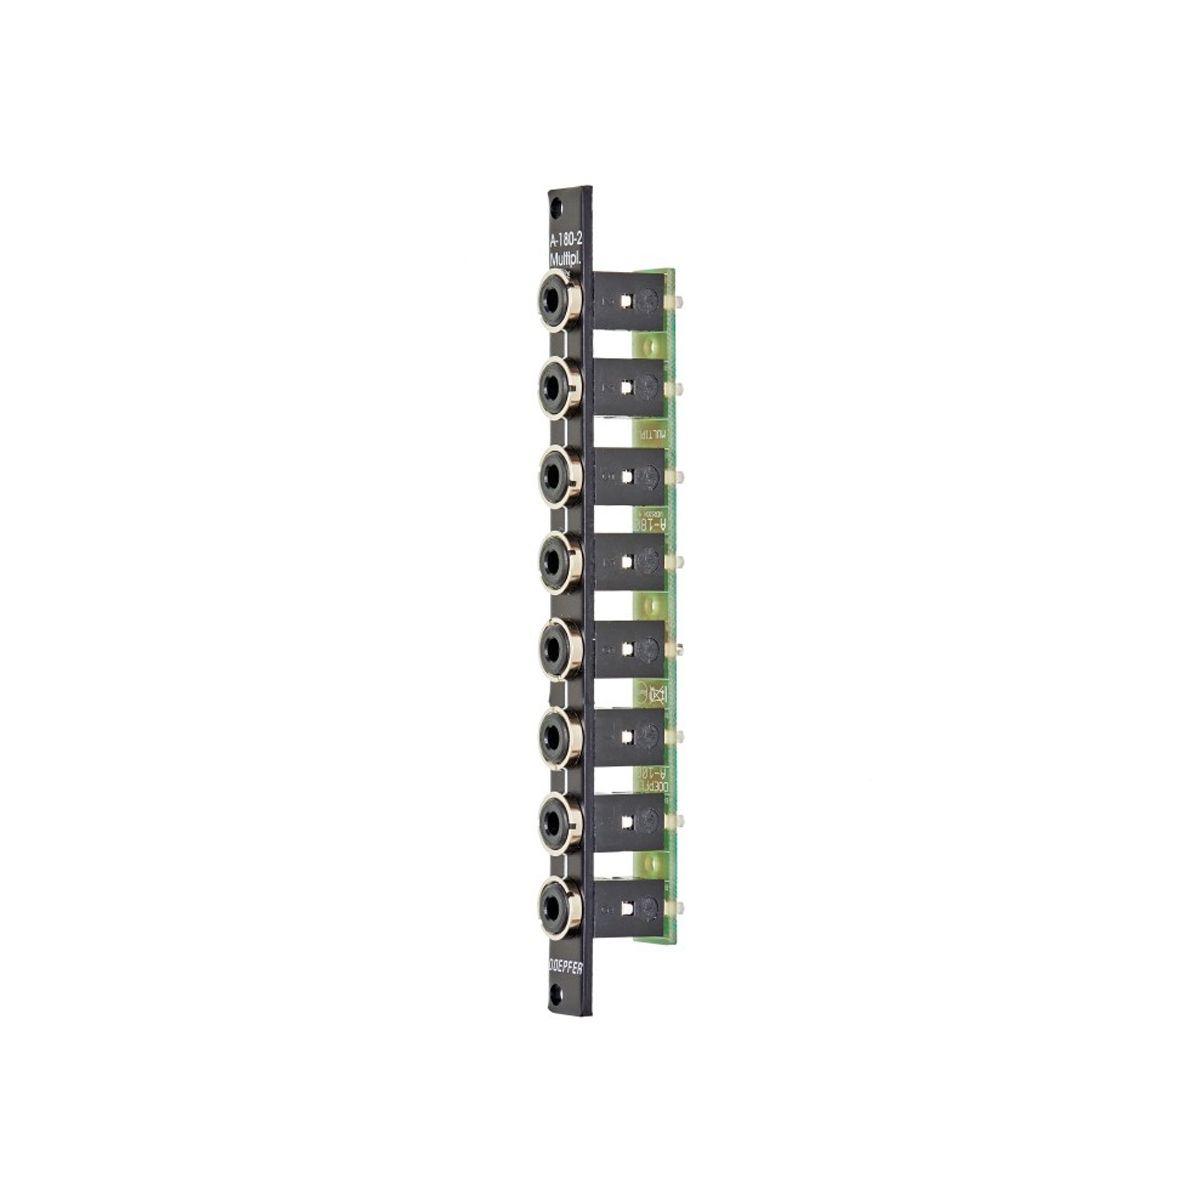 Doepfer A-180-2V Eurorack Mult Module (Vintage Black)